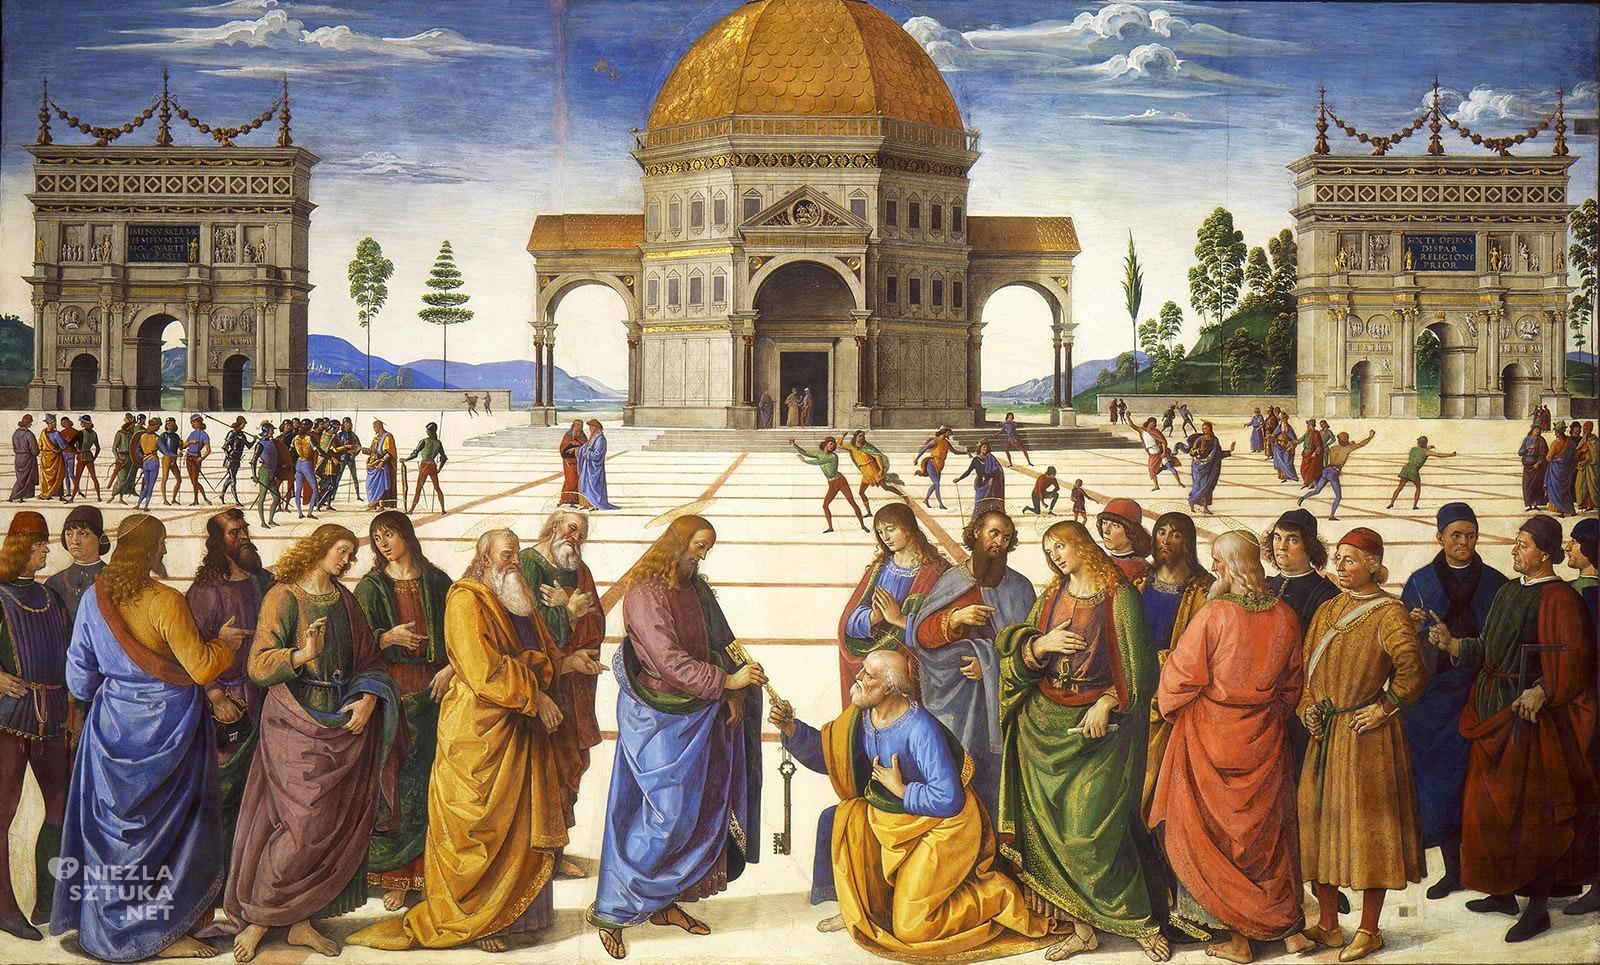 Pietro Perugino, Wręczenie kluczy Św. Piotrowi, Kaplica Sykstyńska freski, niezła sztuka